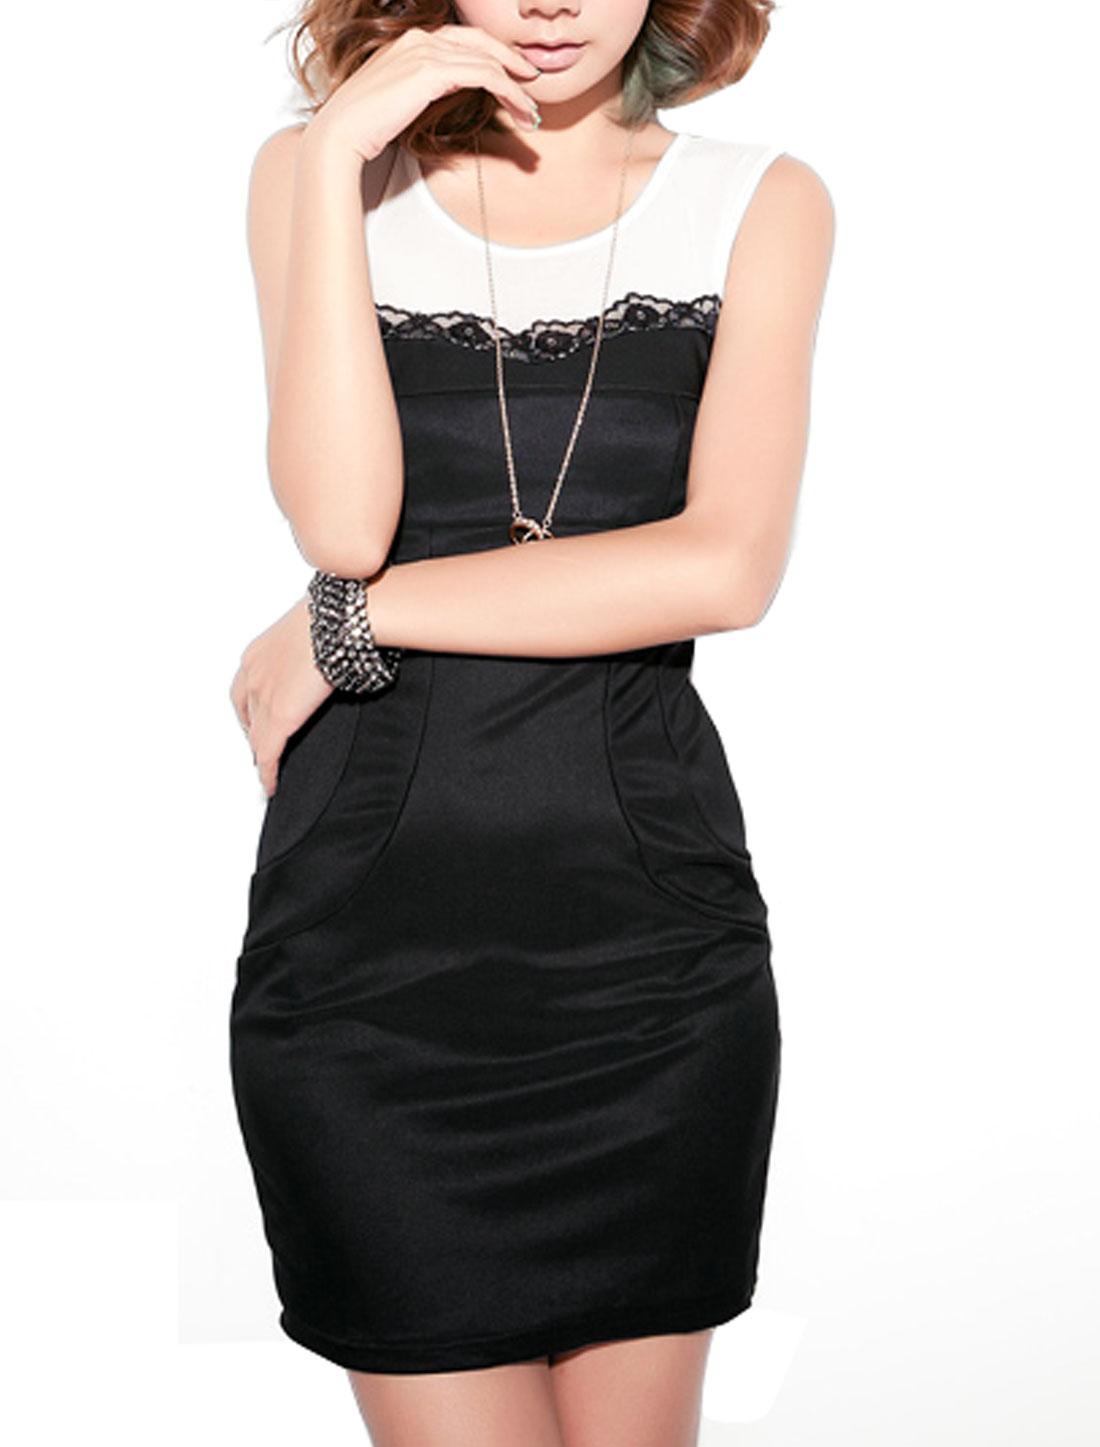 Women Meshy Spliced Close-fitting Clubwear Sexy Mini Dress Black XS